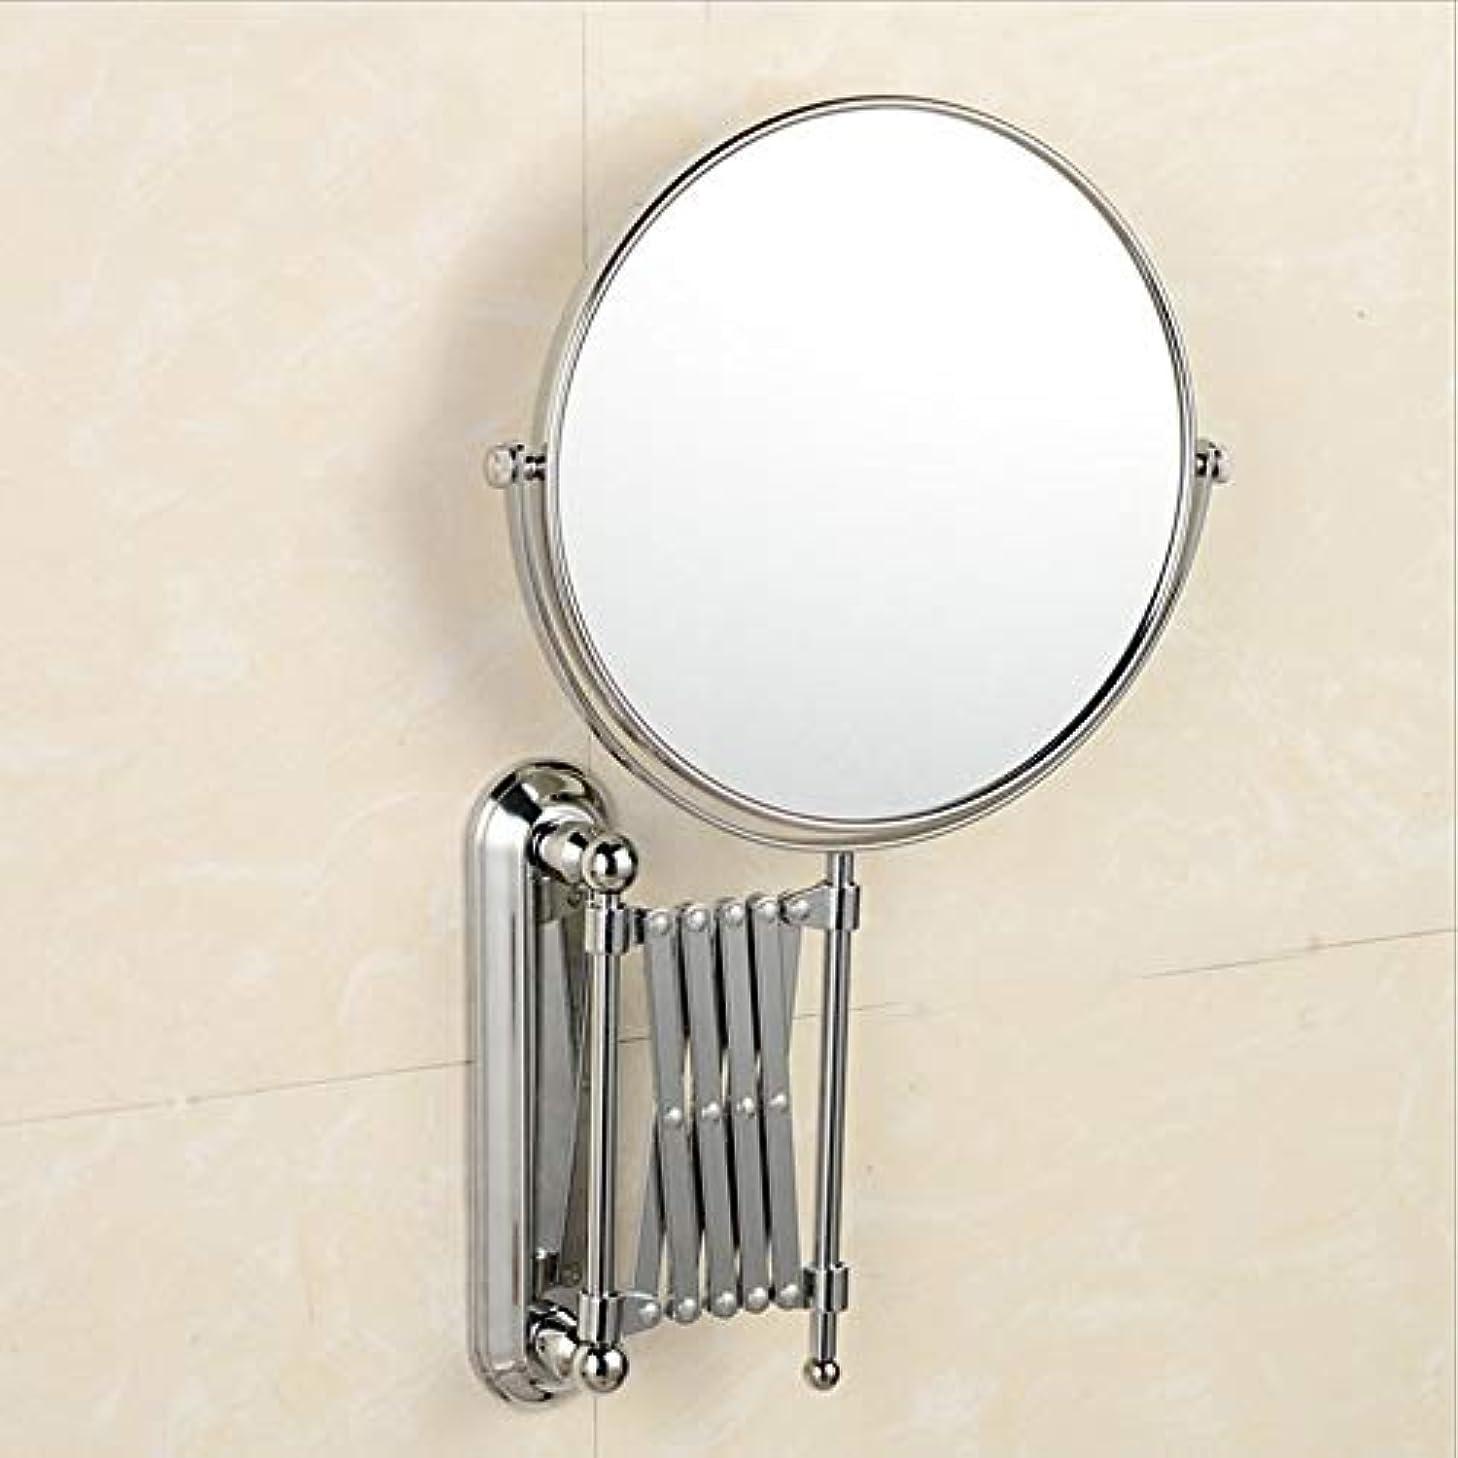 カリング効果的に把握流行の 両面美容化粧鏡折りたたみ美容鏡浴室美容化粧鏡ステンレス鋼6インチシルバー